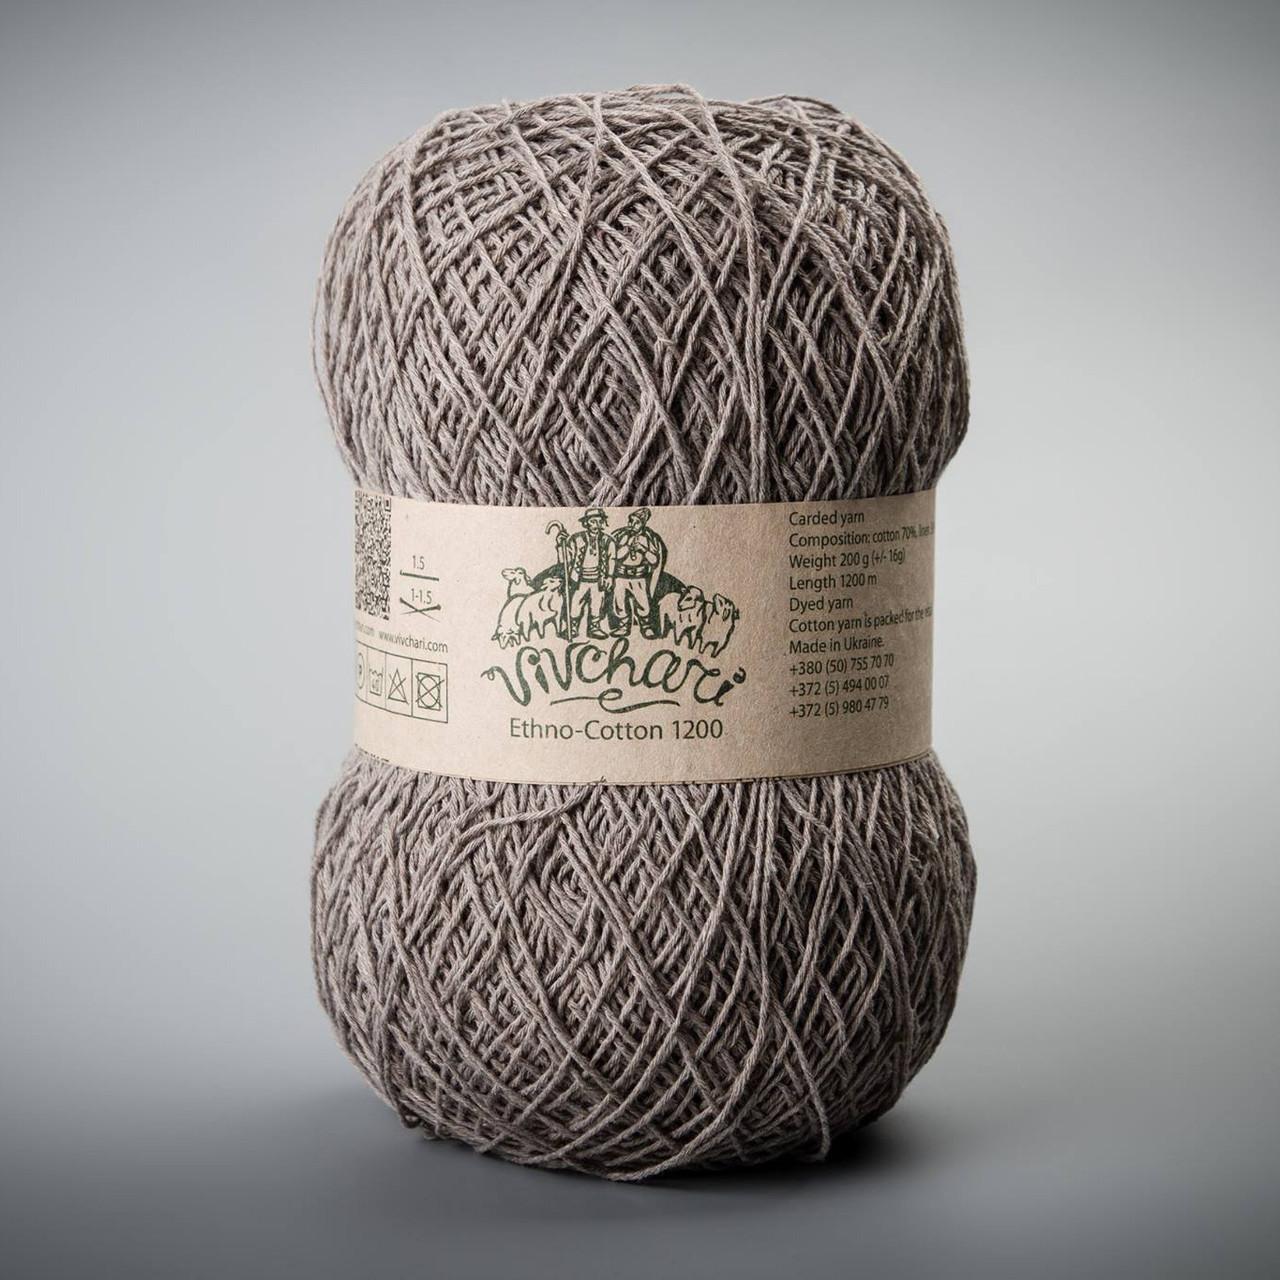 Пряжа Vivchari Ethno-Cotton 1200, цвет 024 кофейный